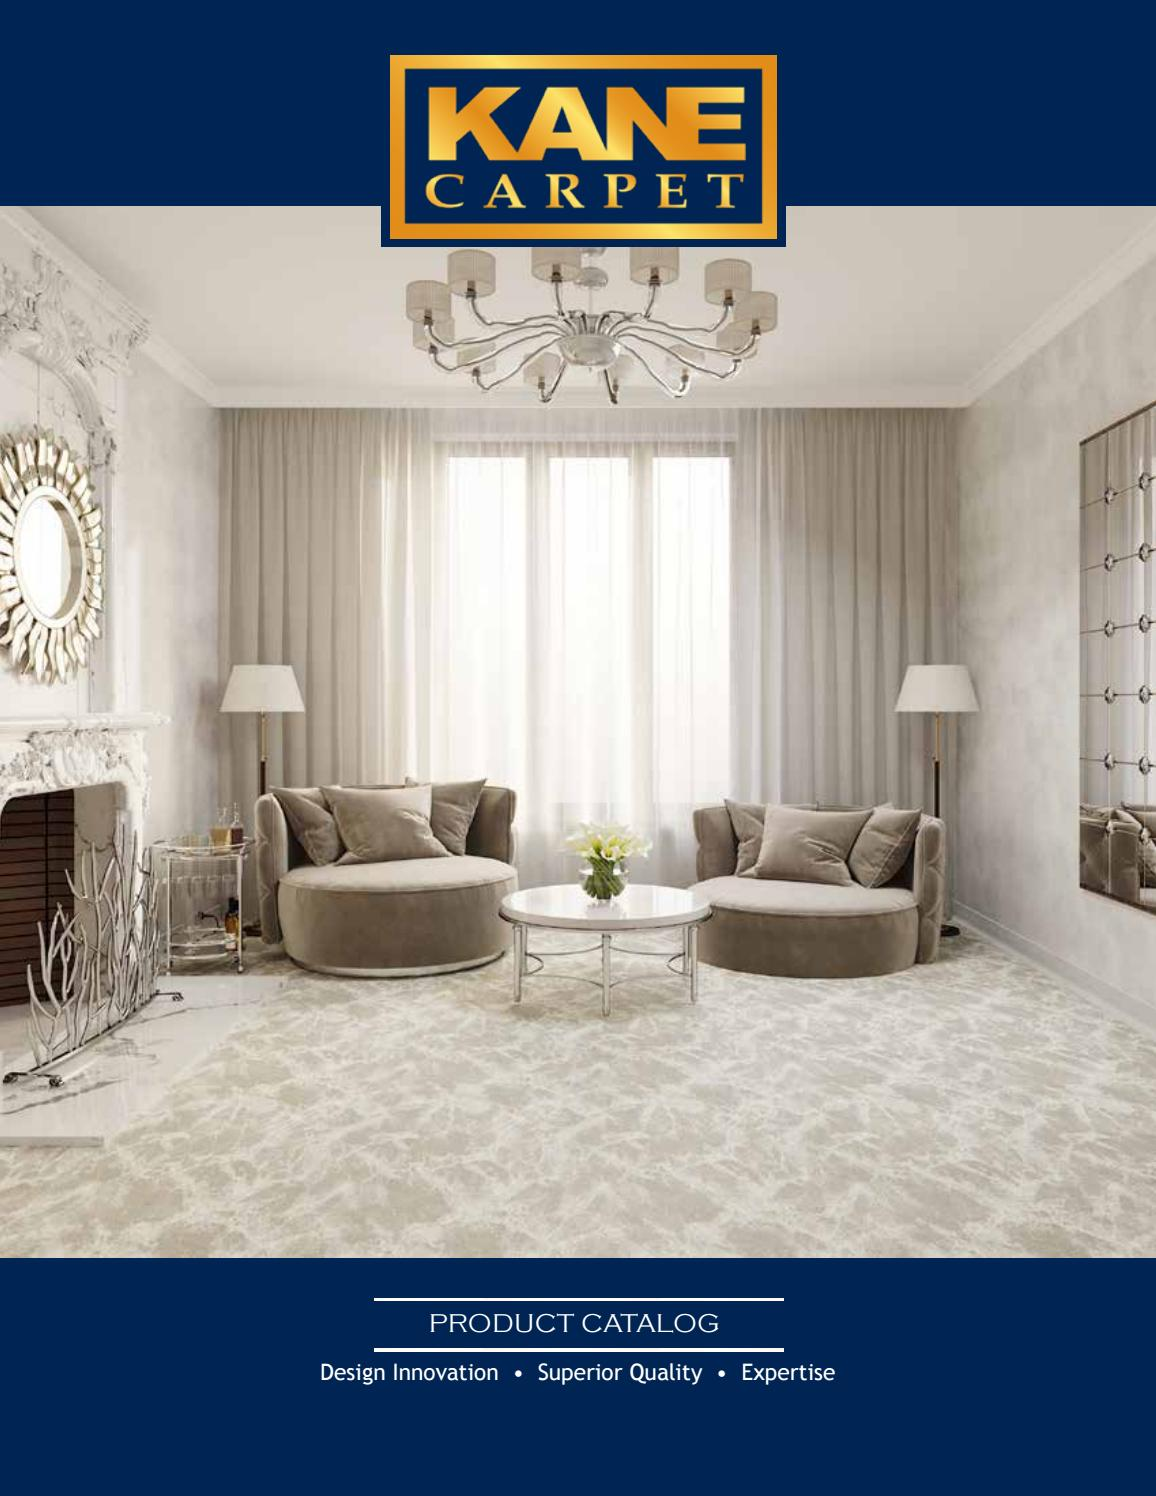 Kane Carpet Product Catalog 2018 By Kane Carpet Issuu